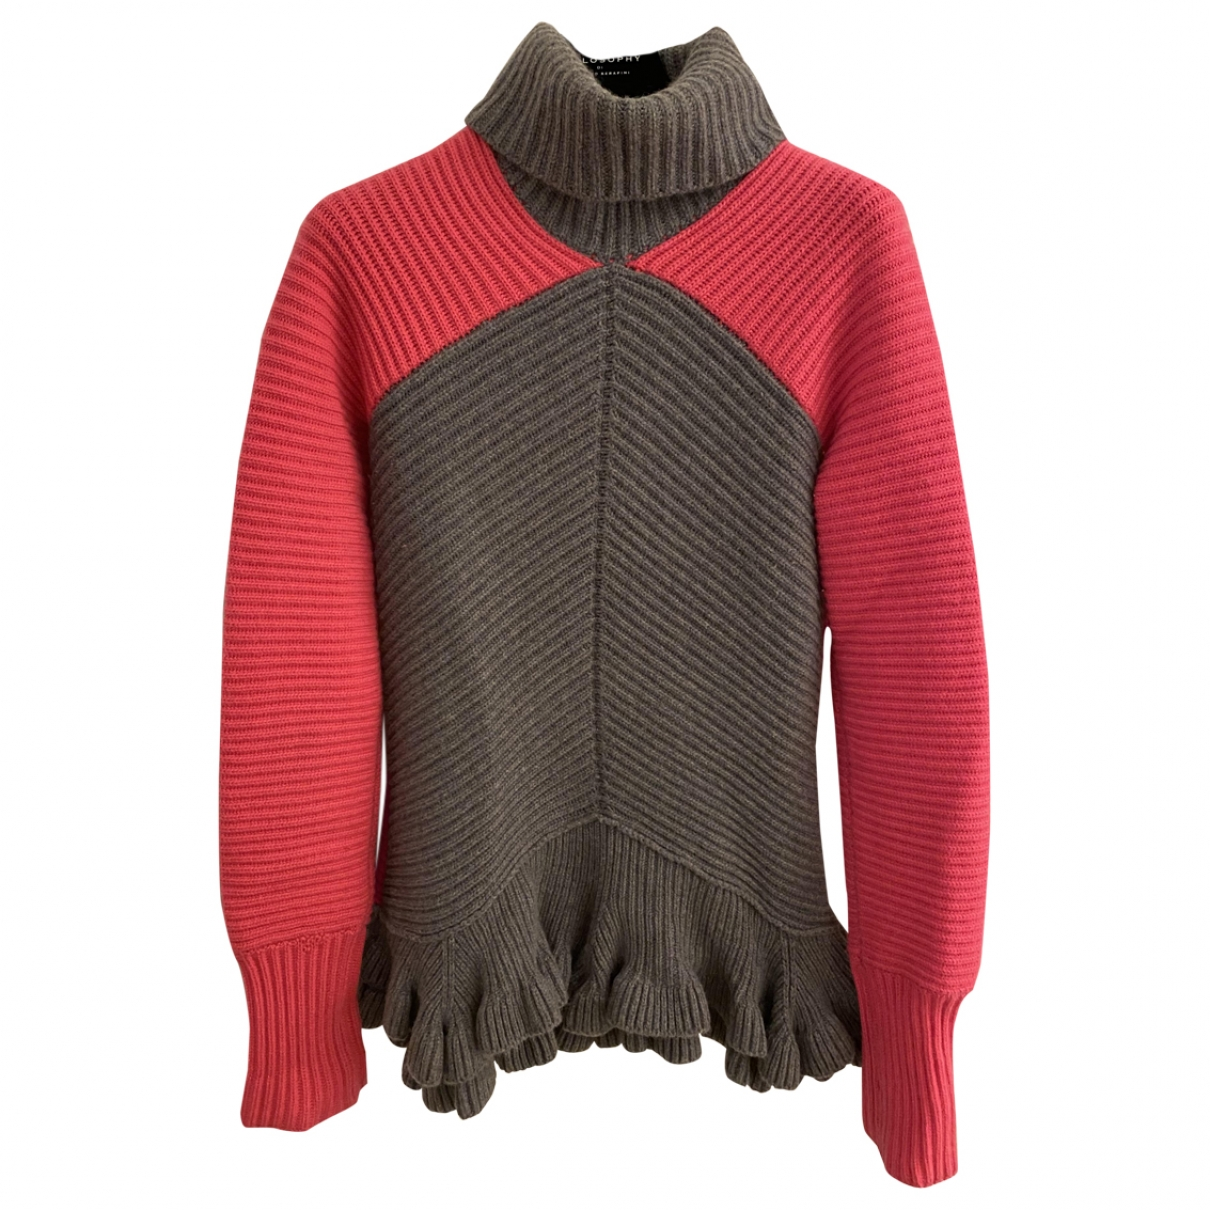 Antonio Berardi - Pull   pour femme en laine - multicolore